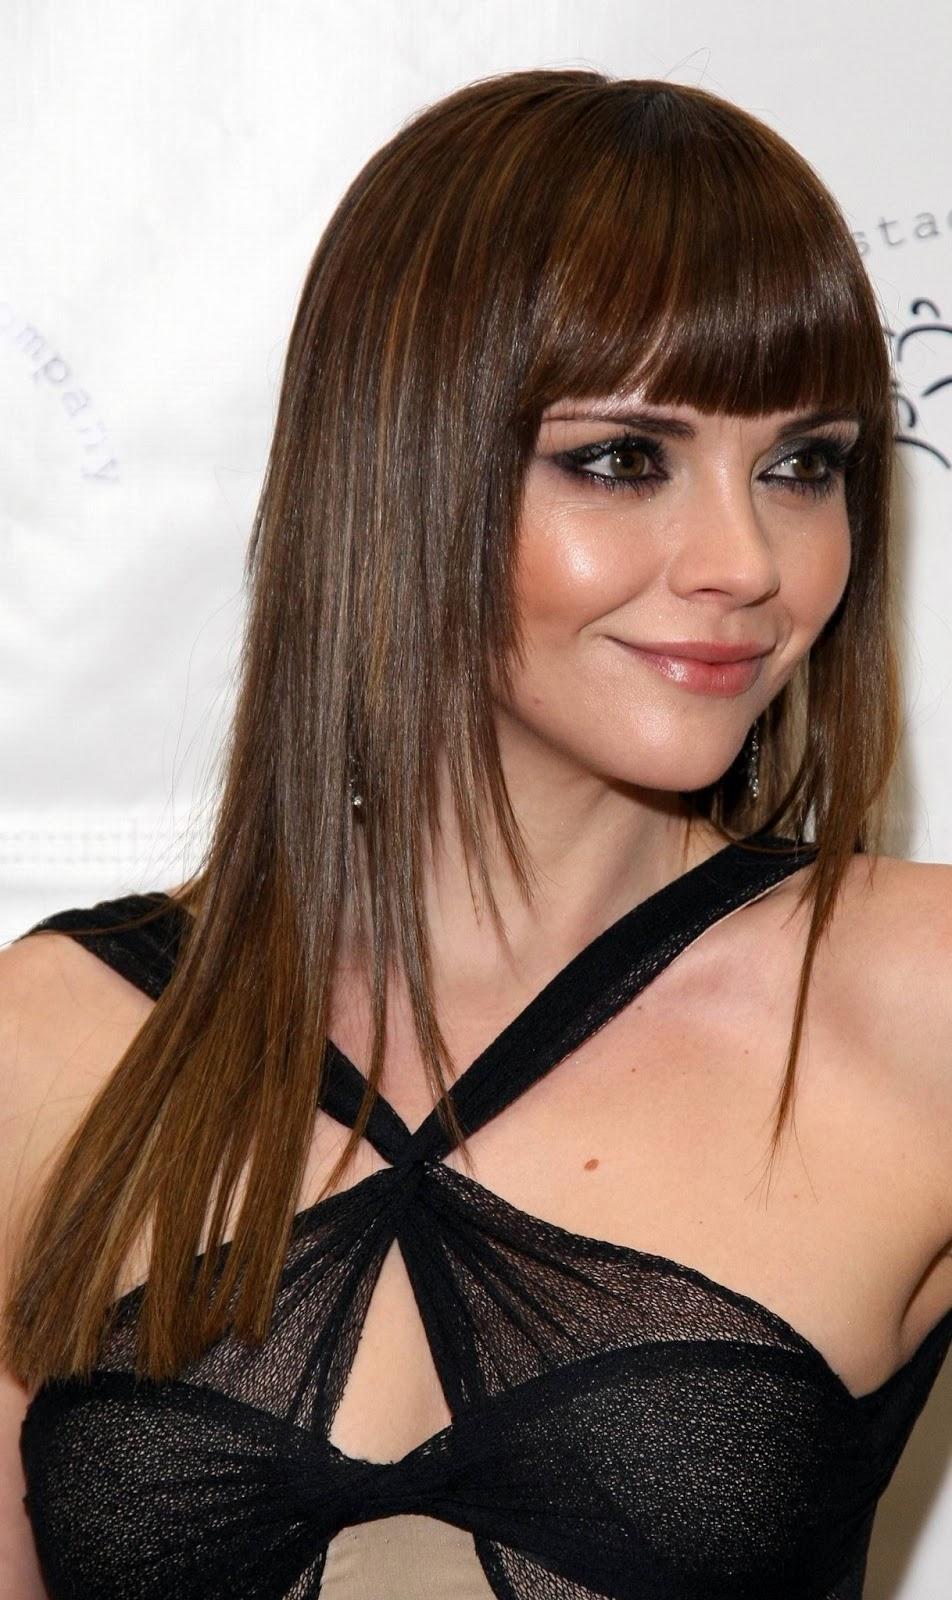 На фото: стрижка лесенка с длинными волосами с прямой челкой - тренд сезона.